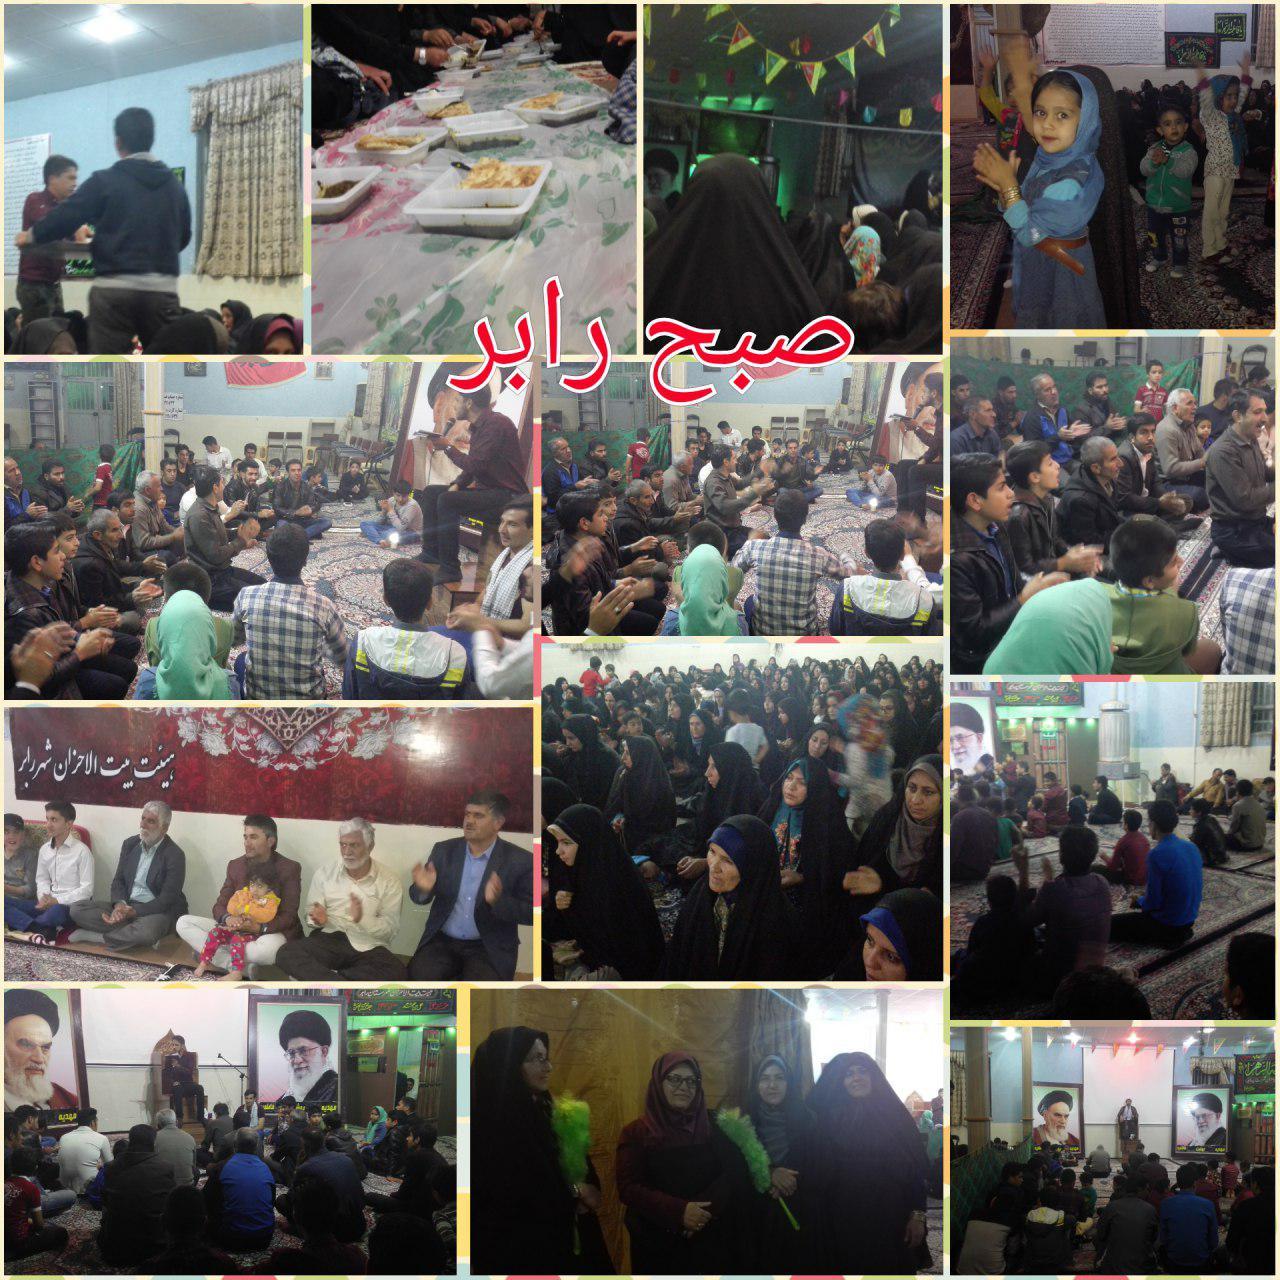 برگزاری جشن میلاد سرداران کربلا در بیت الاحزان رابر / تصاویر